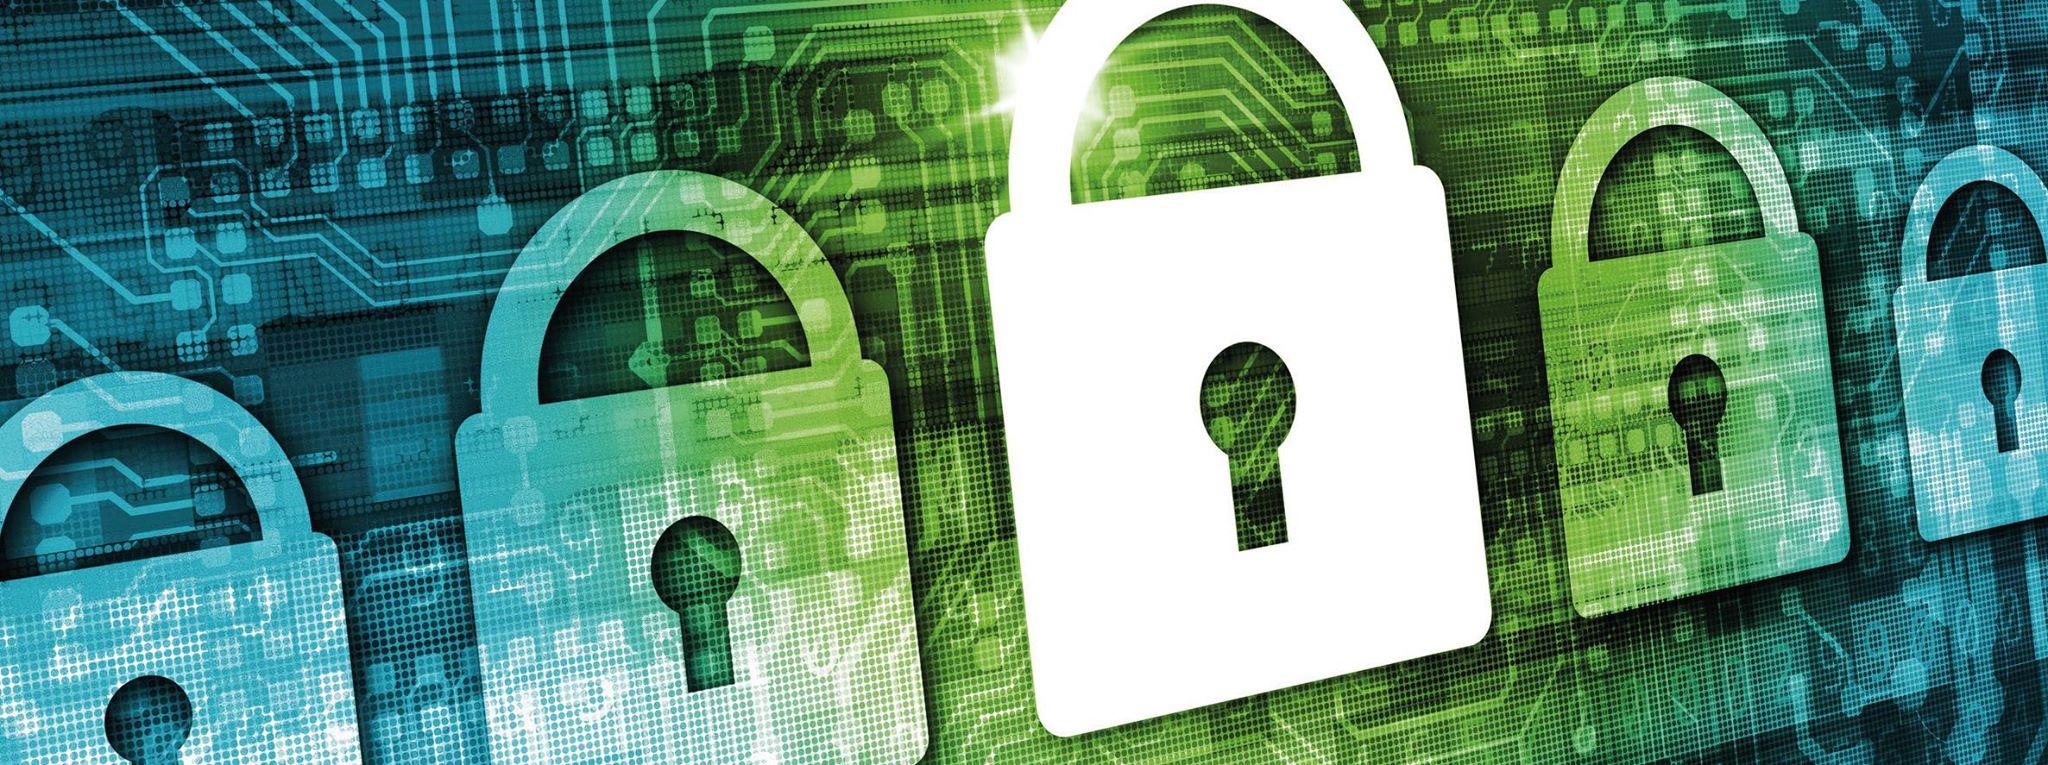 Verschleiern und Verschlüsseln: Auf der Cryptotour ging es um mehr Datensicherheit.